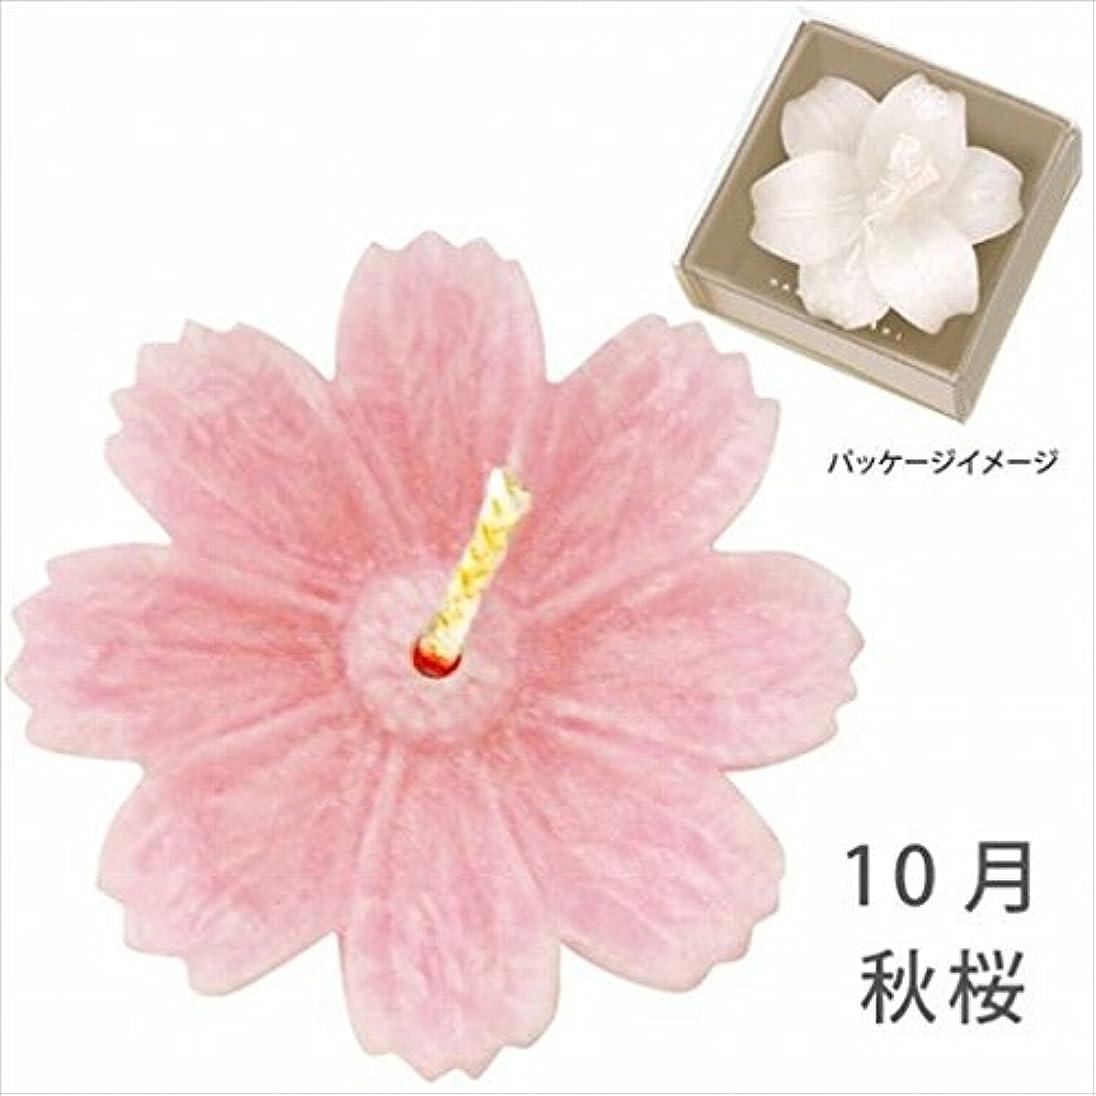 致命的運河動くカメヤマキャンドル(kameyama candle) 花づくし(植物性) 秋桜 「 秋桜(10月) 」 キャンドル